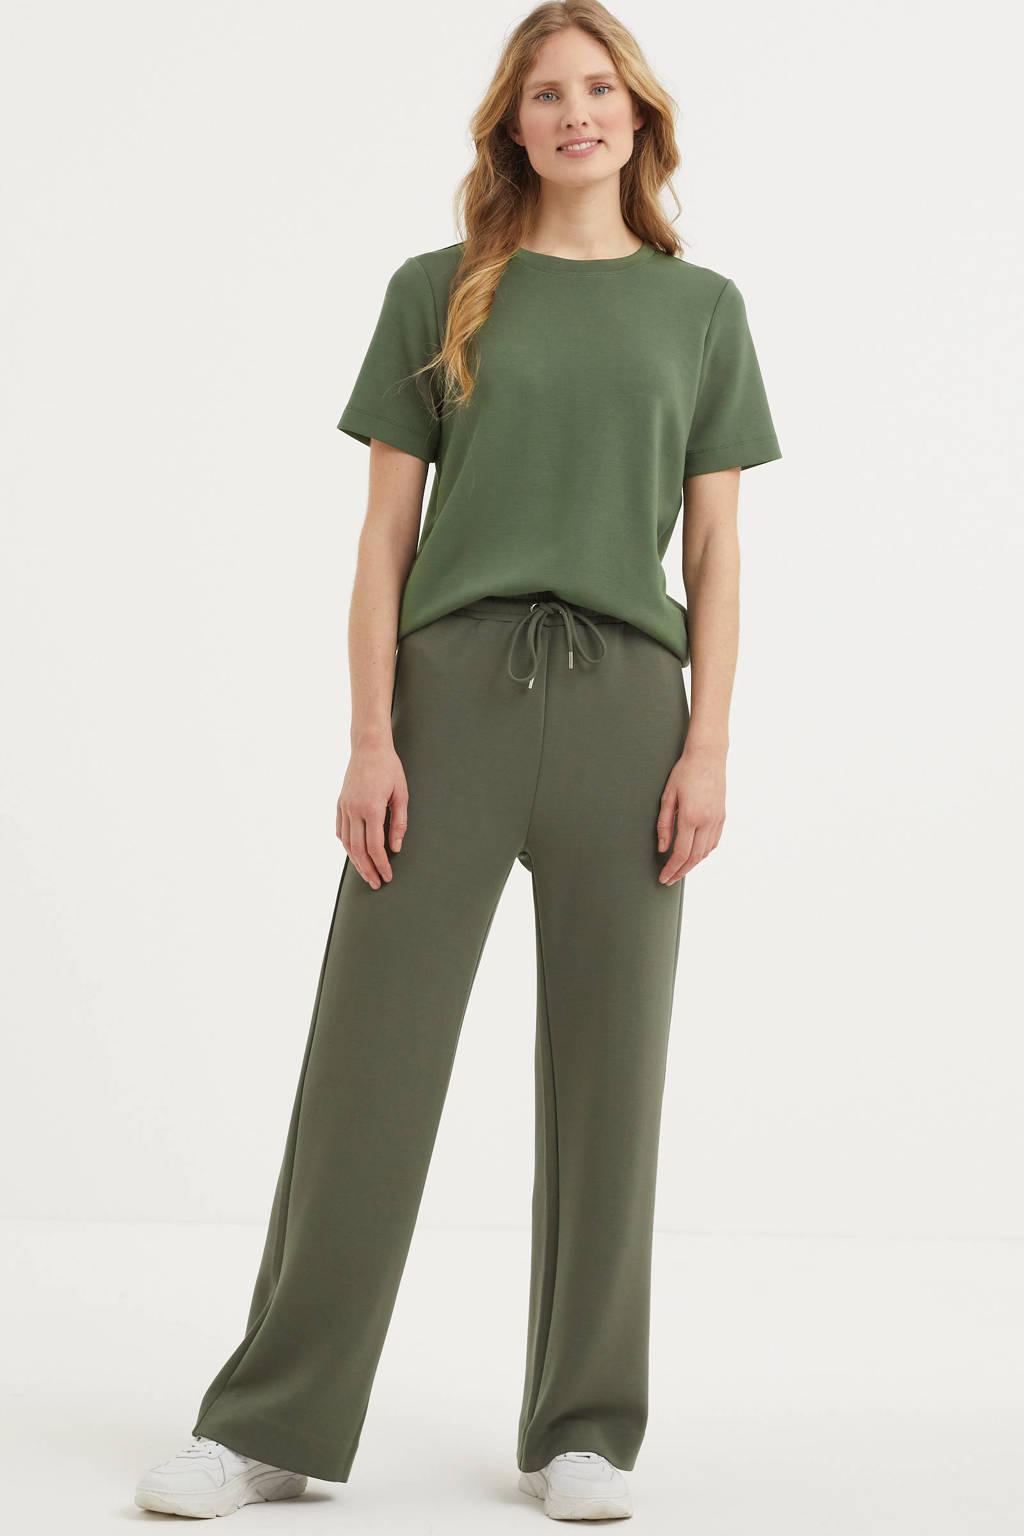 Inwear T-shirt Vincent groen, Groen